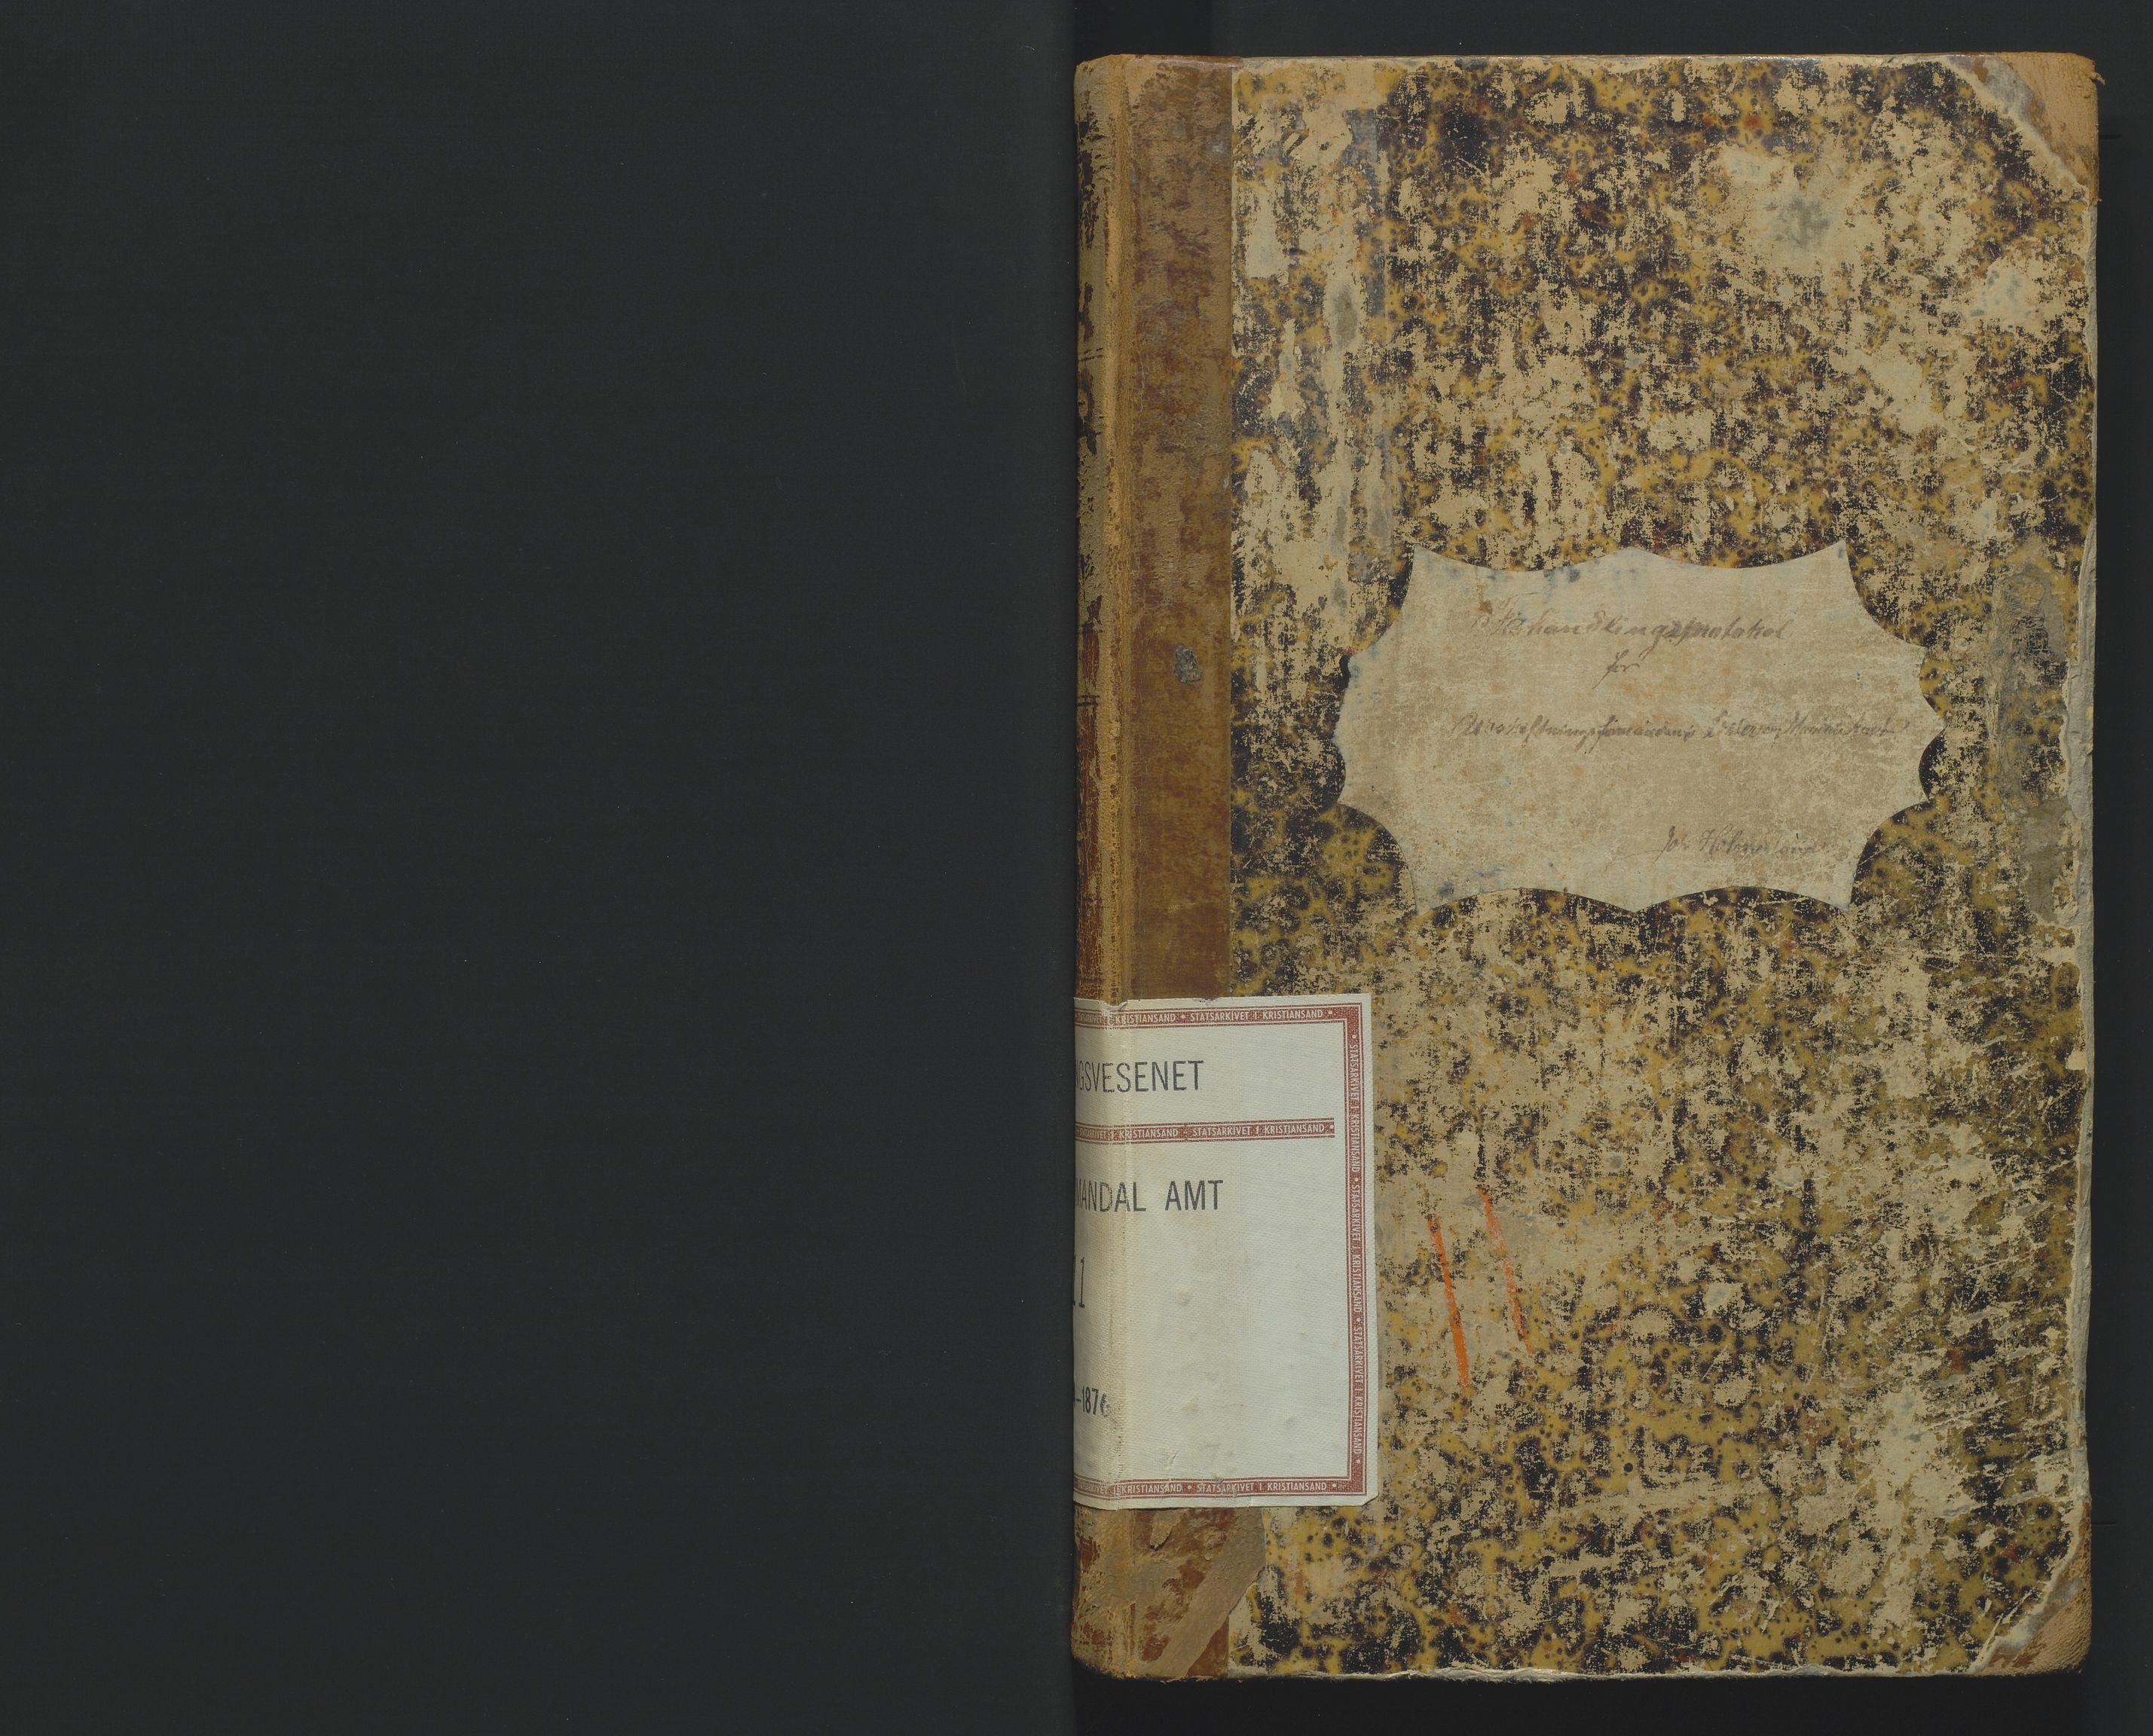 SAK, Utskiftningsformannen i Lister og Mandal amt, F/Fa/Faa/L0011: Utskiftningsprotokoll med register nr 11, 1874-1876